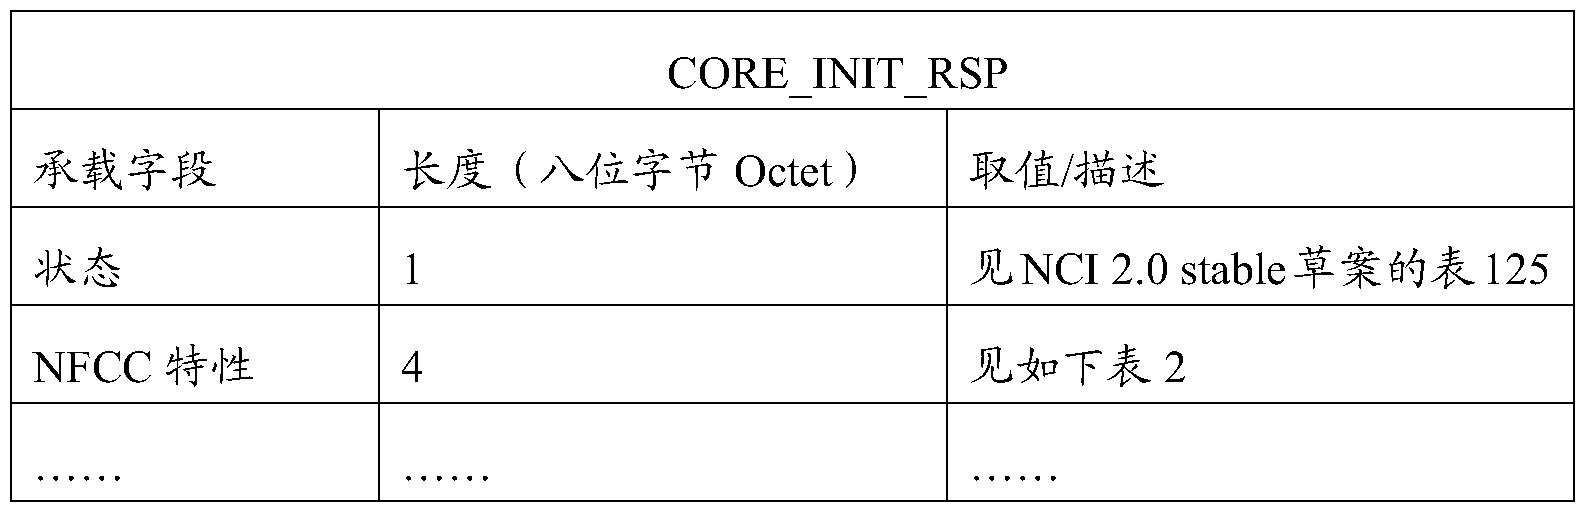 Figure PCTCN2014087999-appb-000001